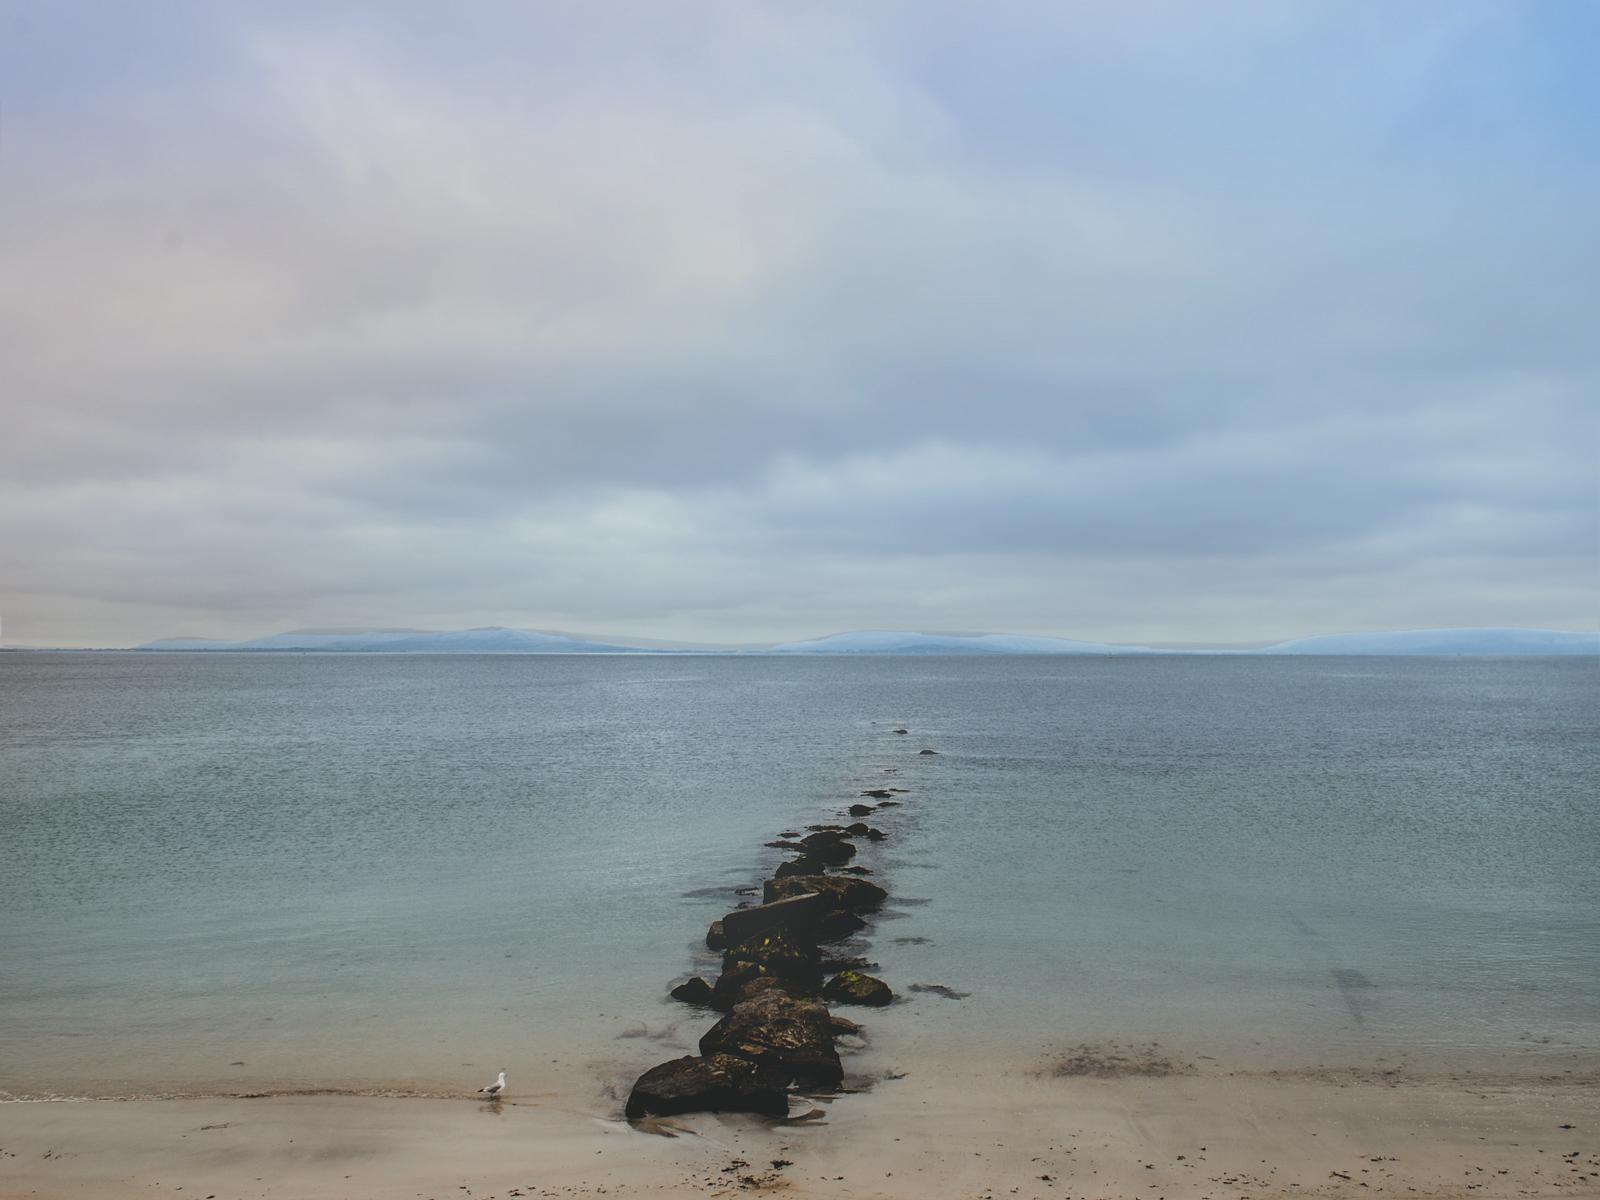 Plaża w Salthill w hrabstwie Galway w Irlandii.